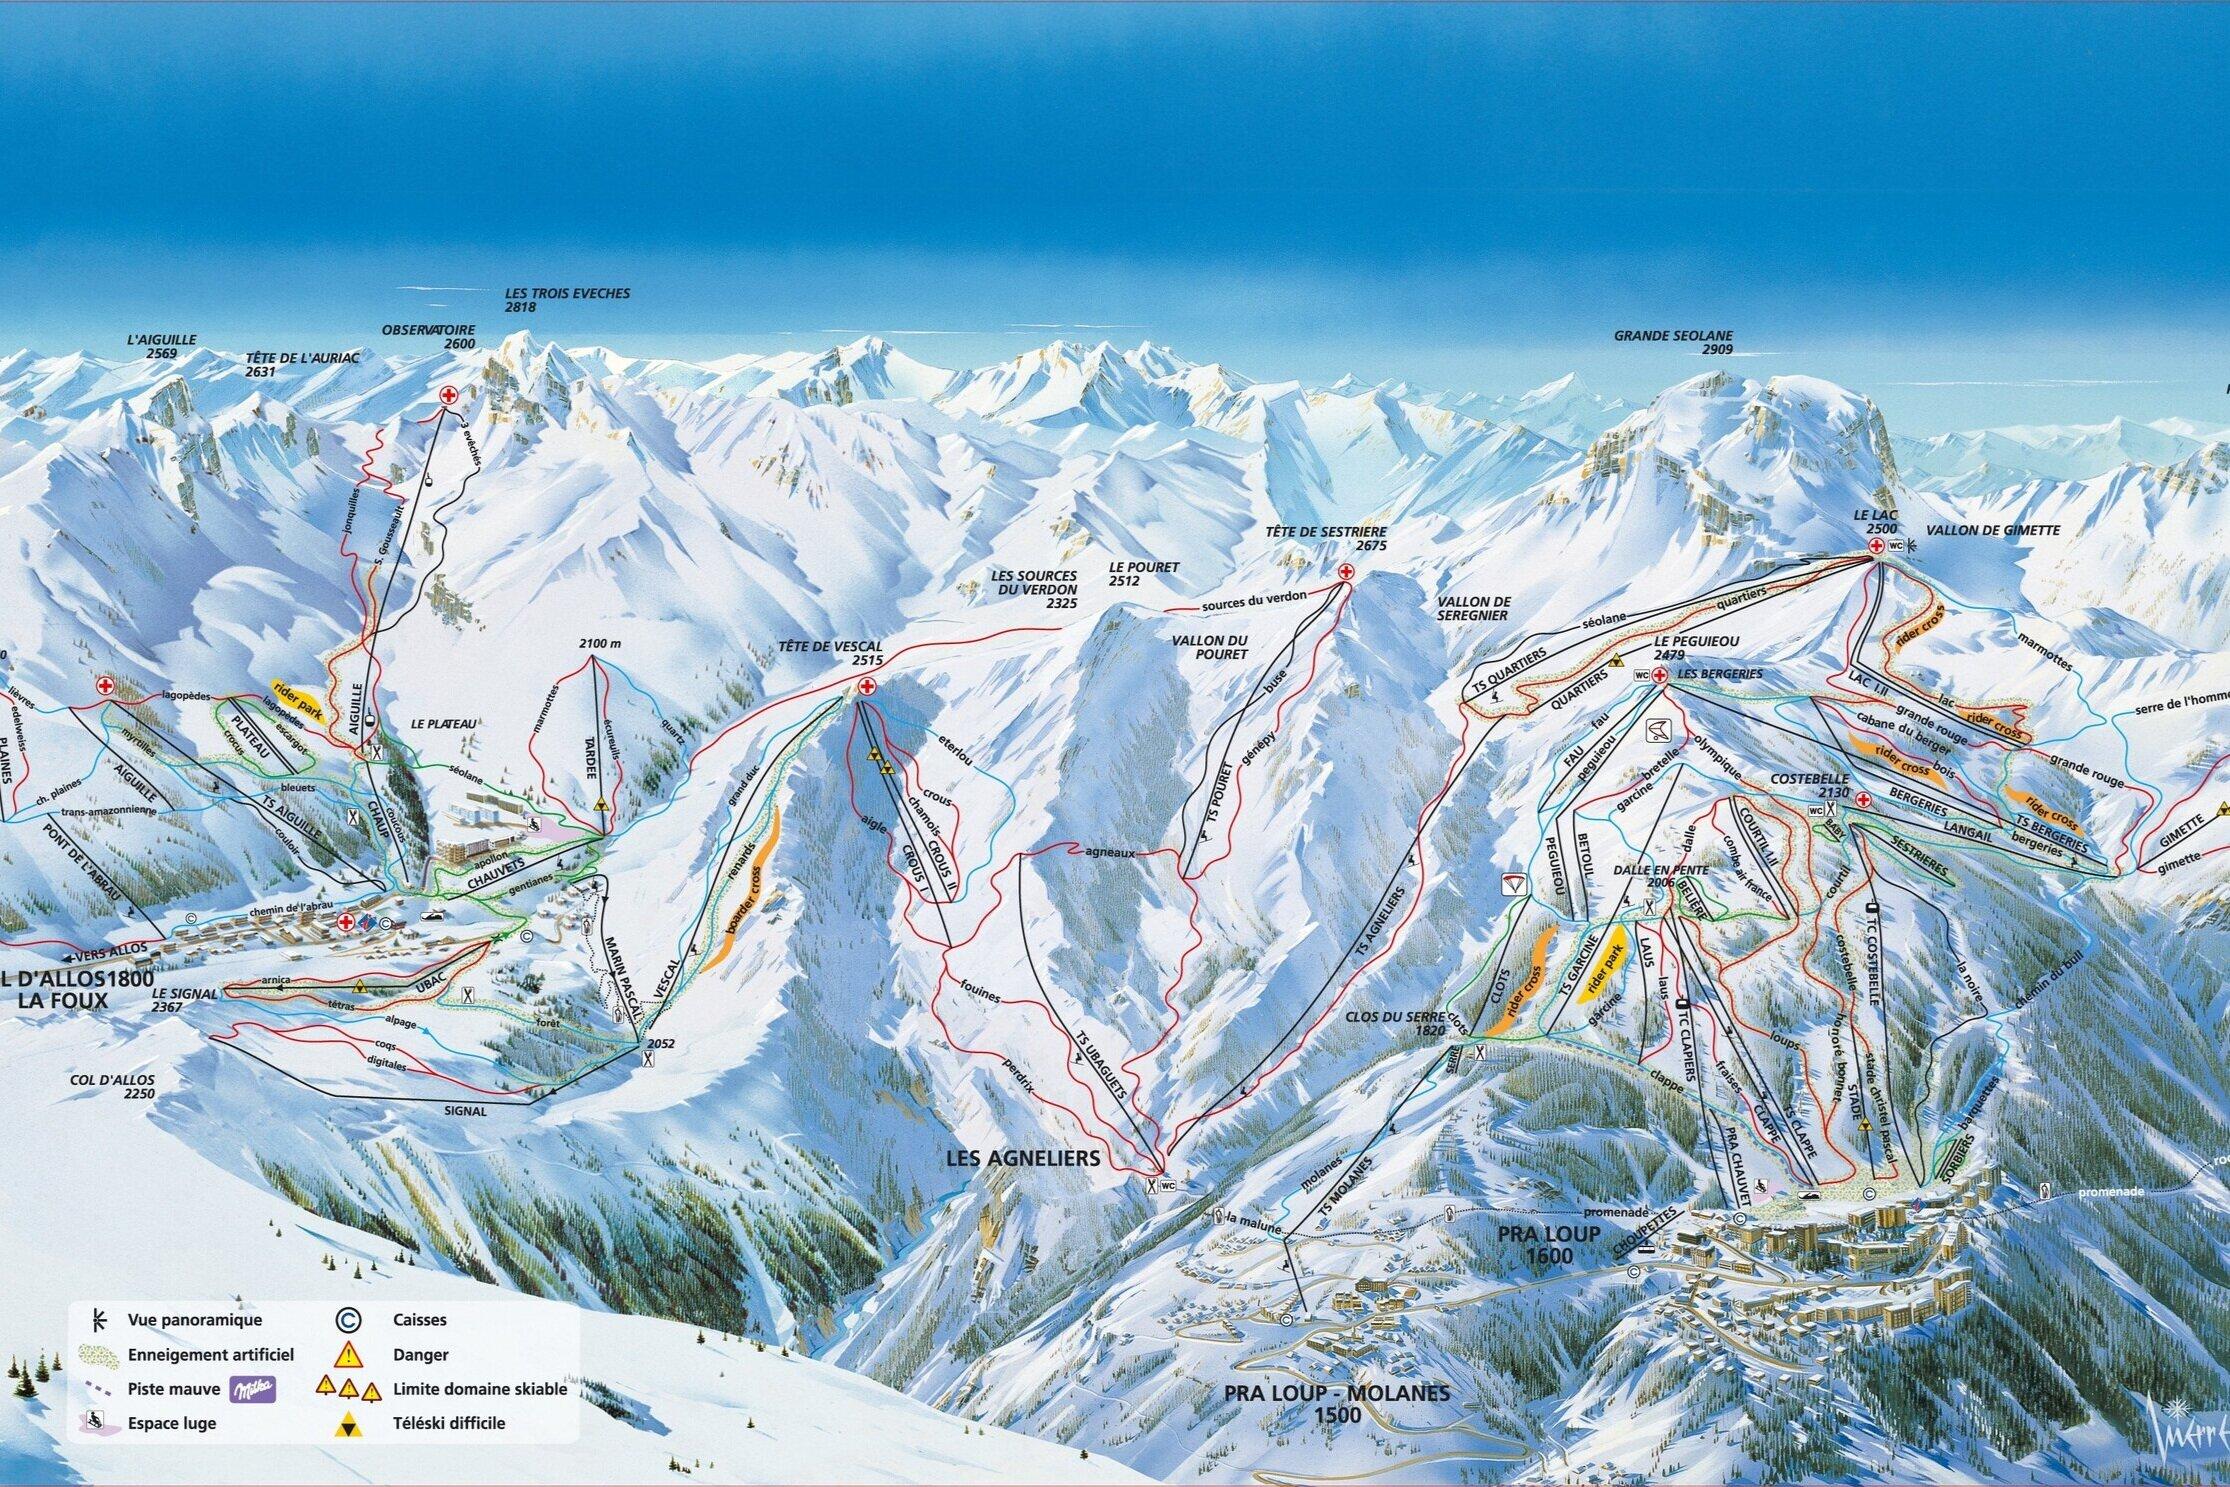 L'Espace Lumière - Es el dominio esquiable más grande de los Alpes del Sur, 230 Km. de Pistas, repartidos en 104 pistas para todos los niveles. En los últimos años ha renovado las instalaciones con los más modernos remontes.